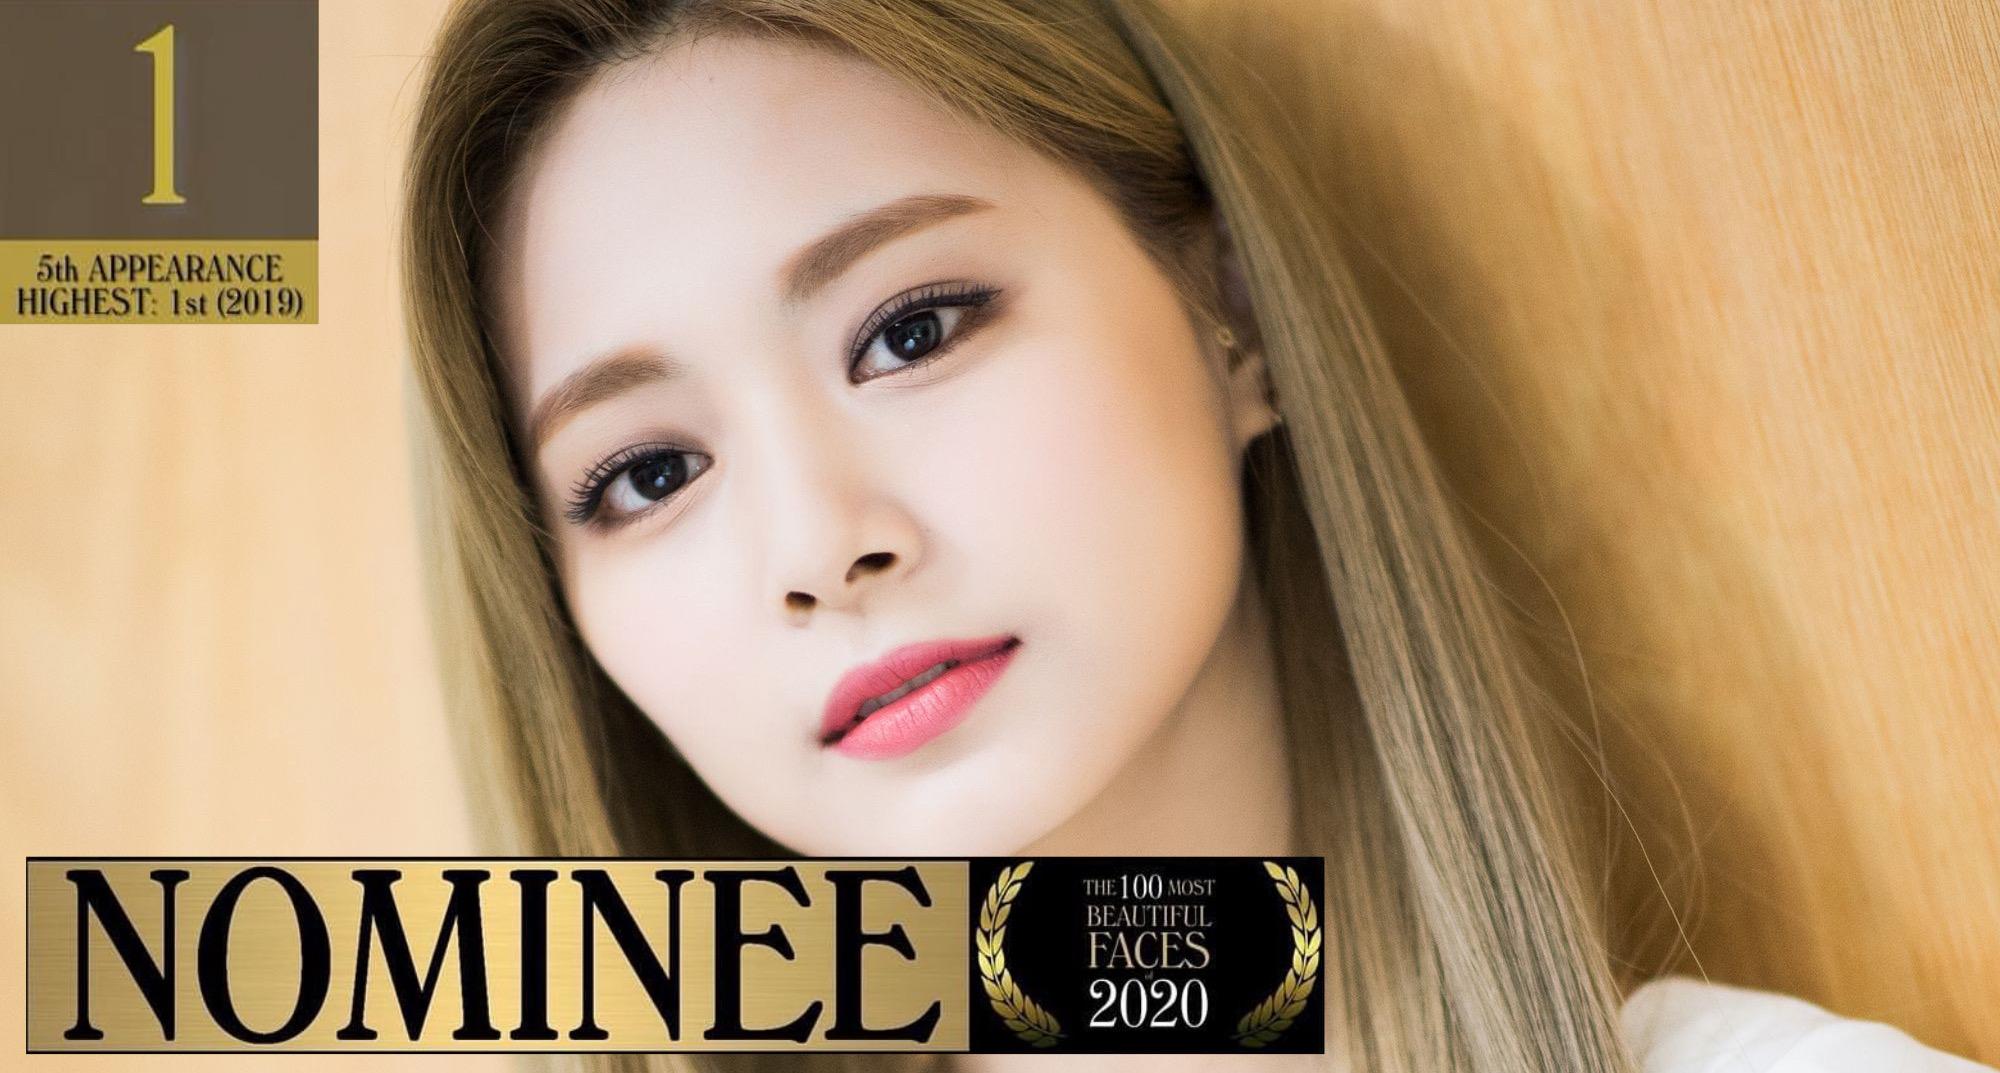 美しい 世界 2020 最も で 顔